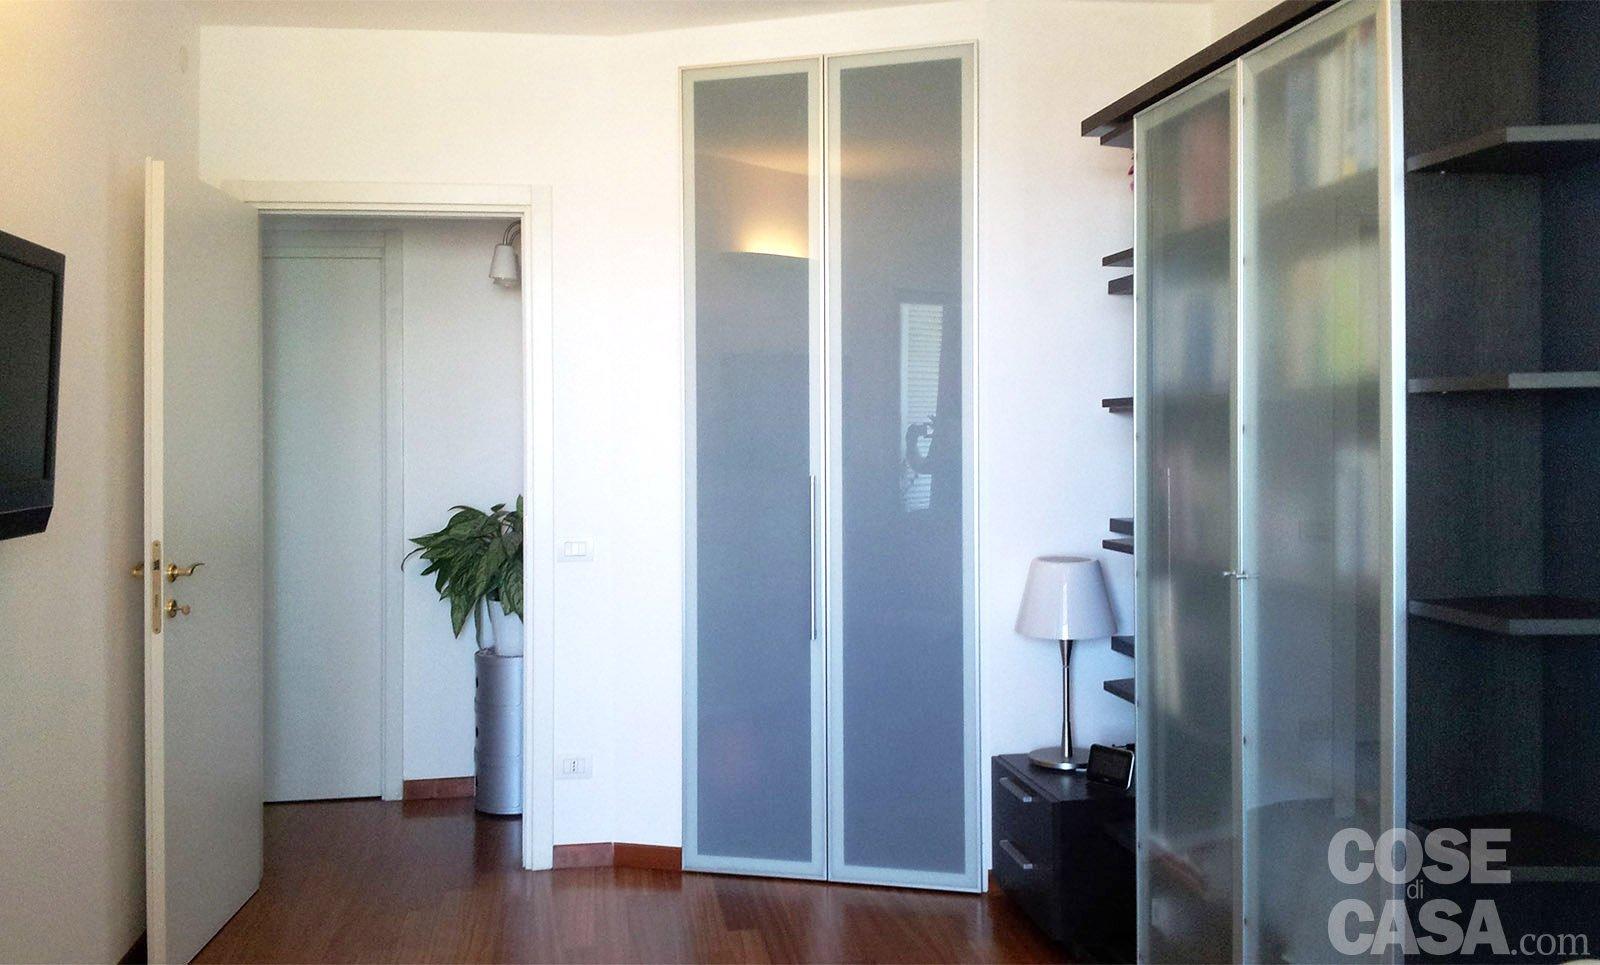 49 mq sfruttati al massimo con arredi multifunzione e trasformabili cose di casa - Mobili multifunzione ...